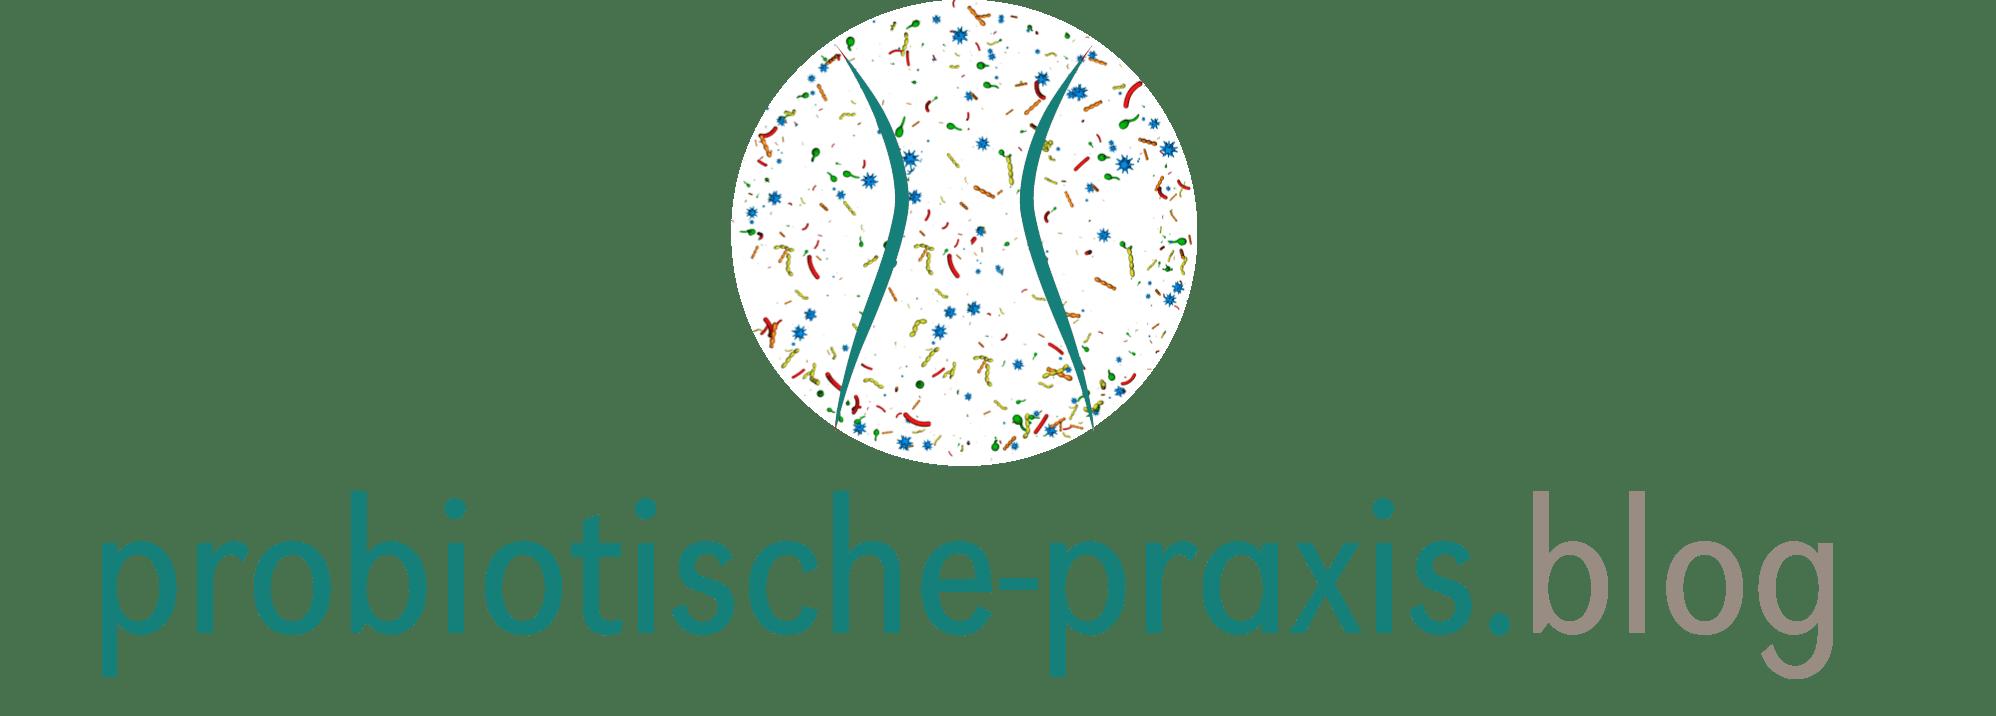 Die Probiotische Praxis